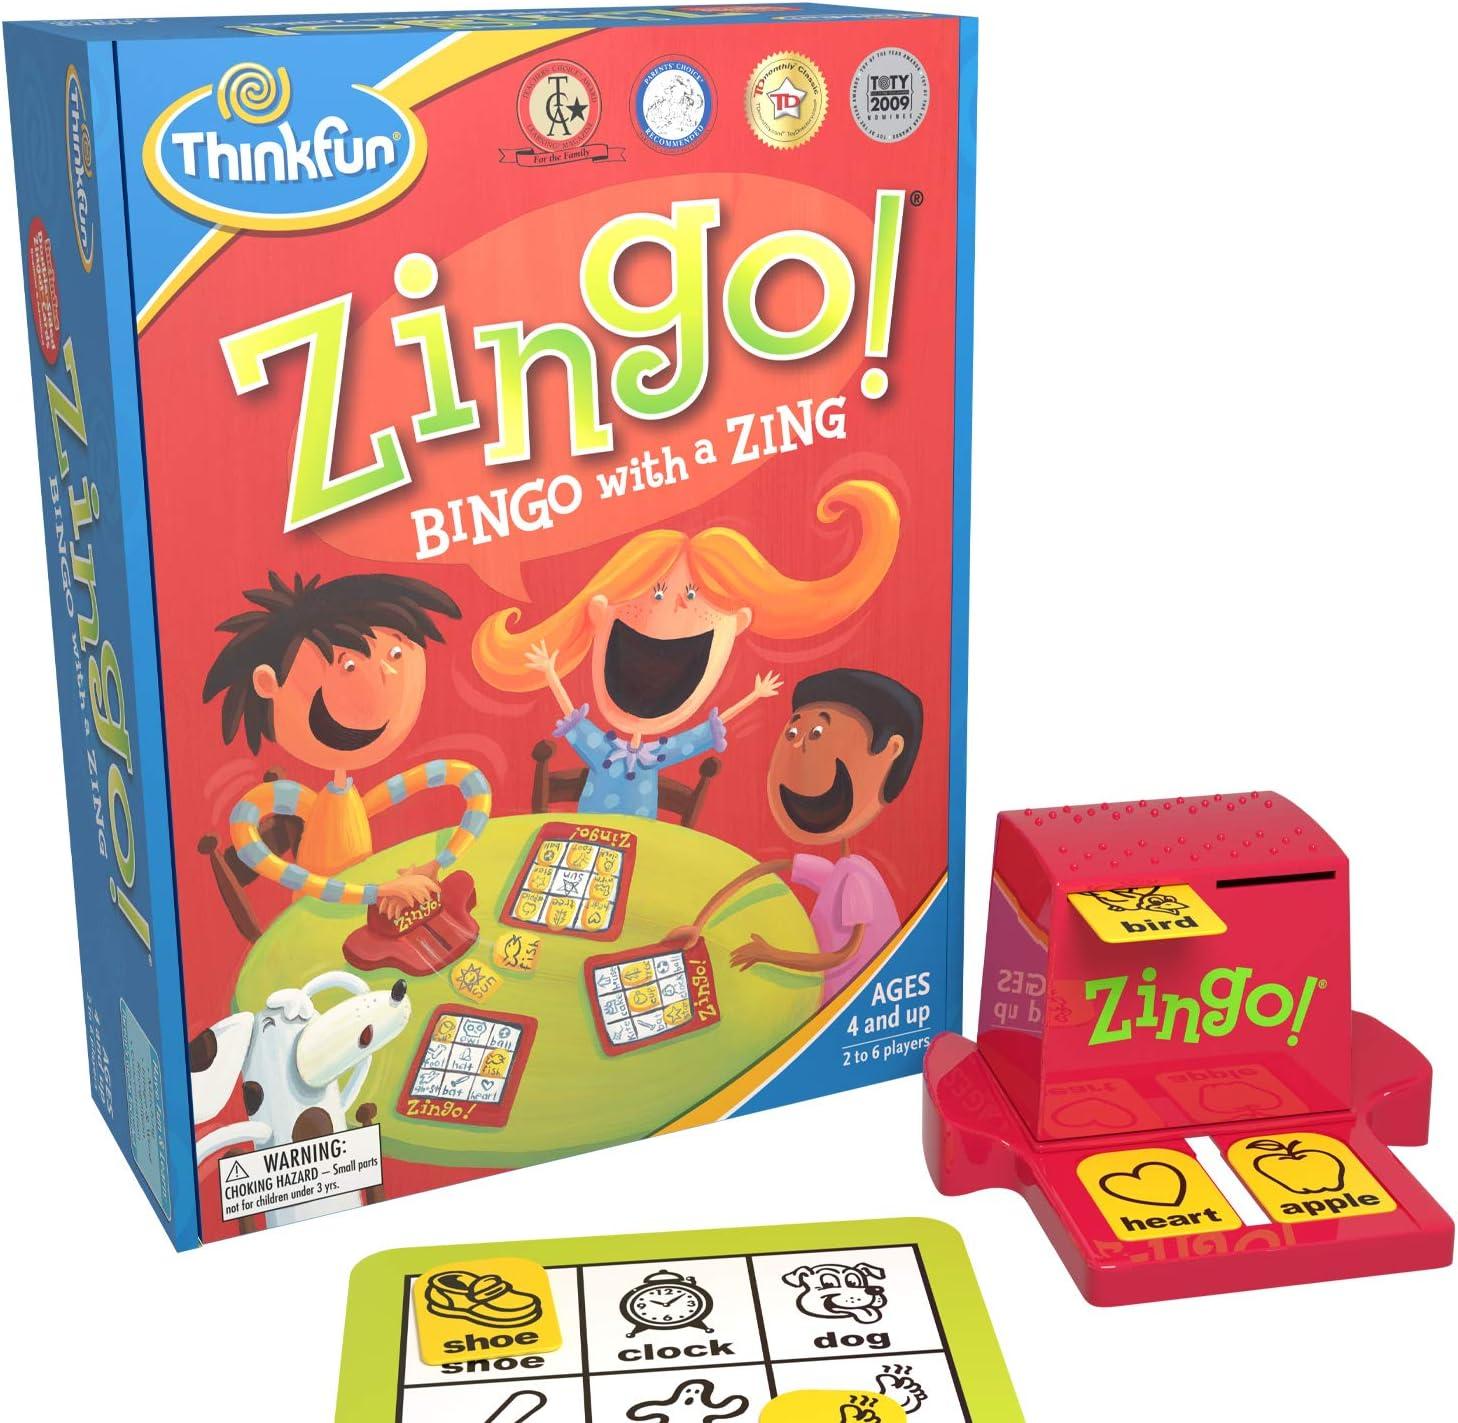 Zingo Game – Bingo with a Zing!